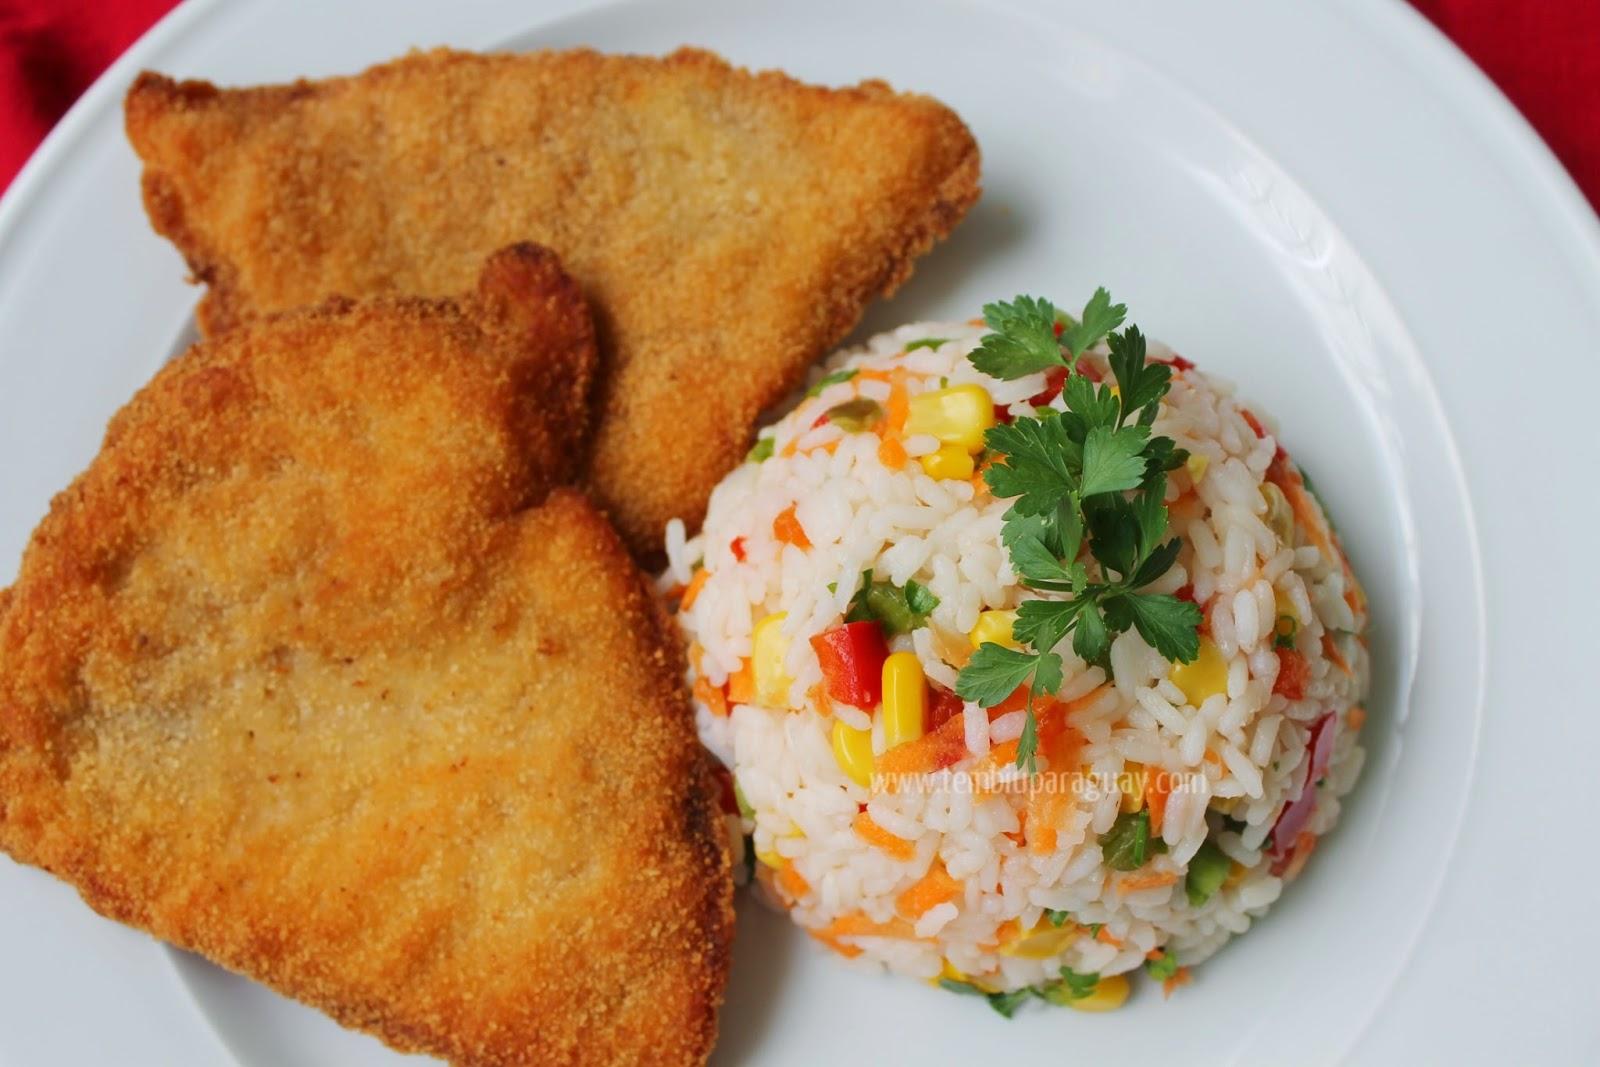 Milanesa de pollo con ensalada de arroz